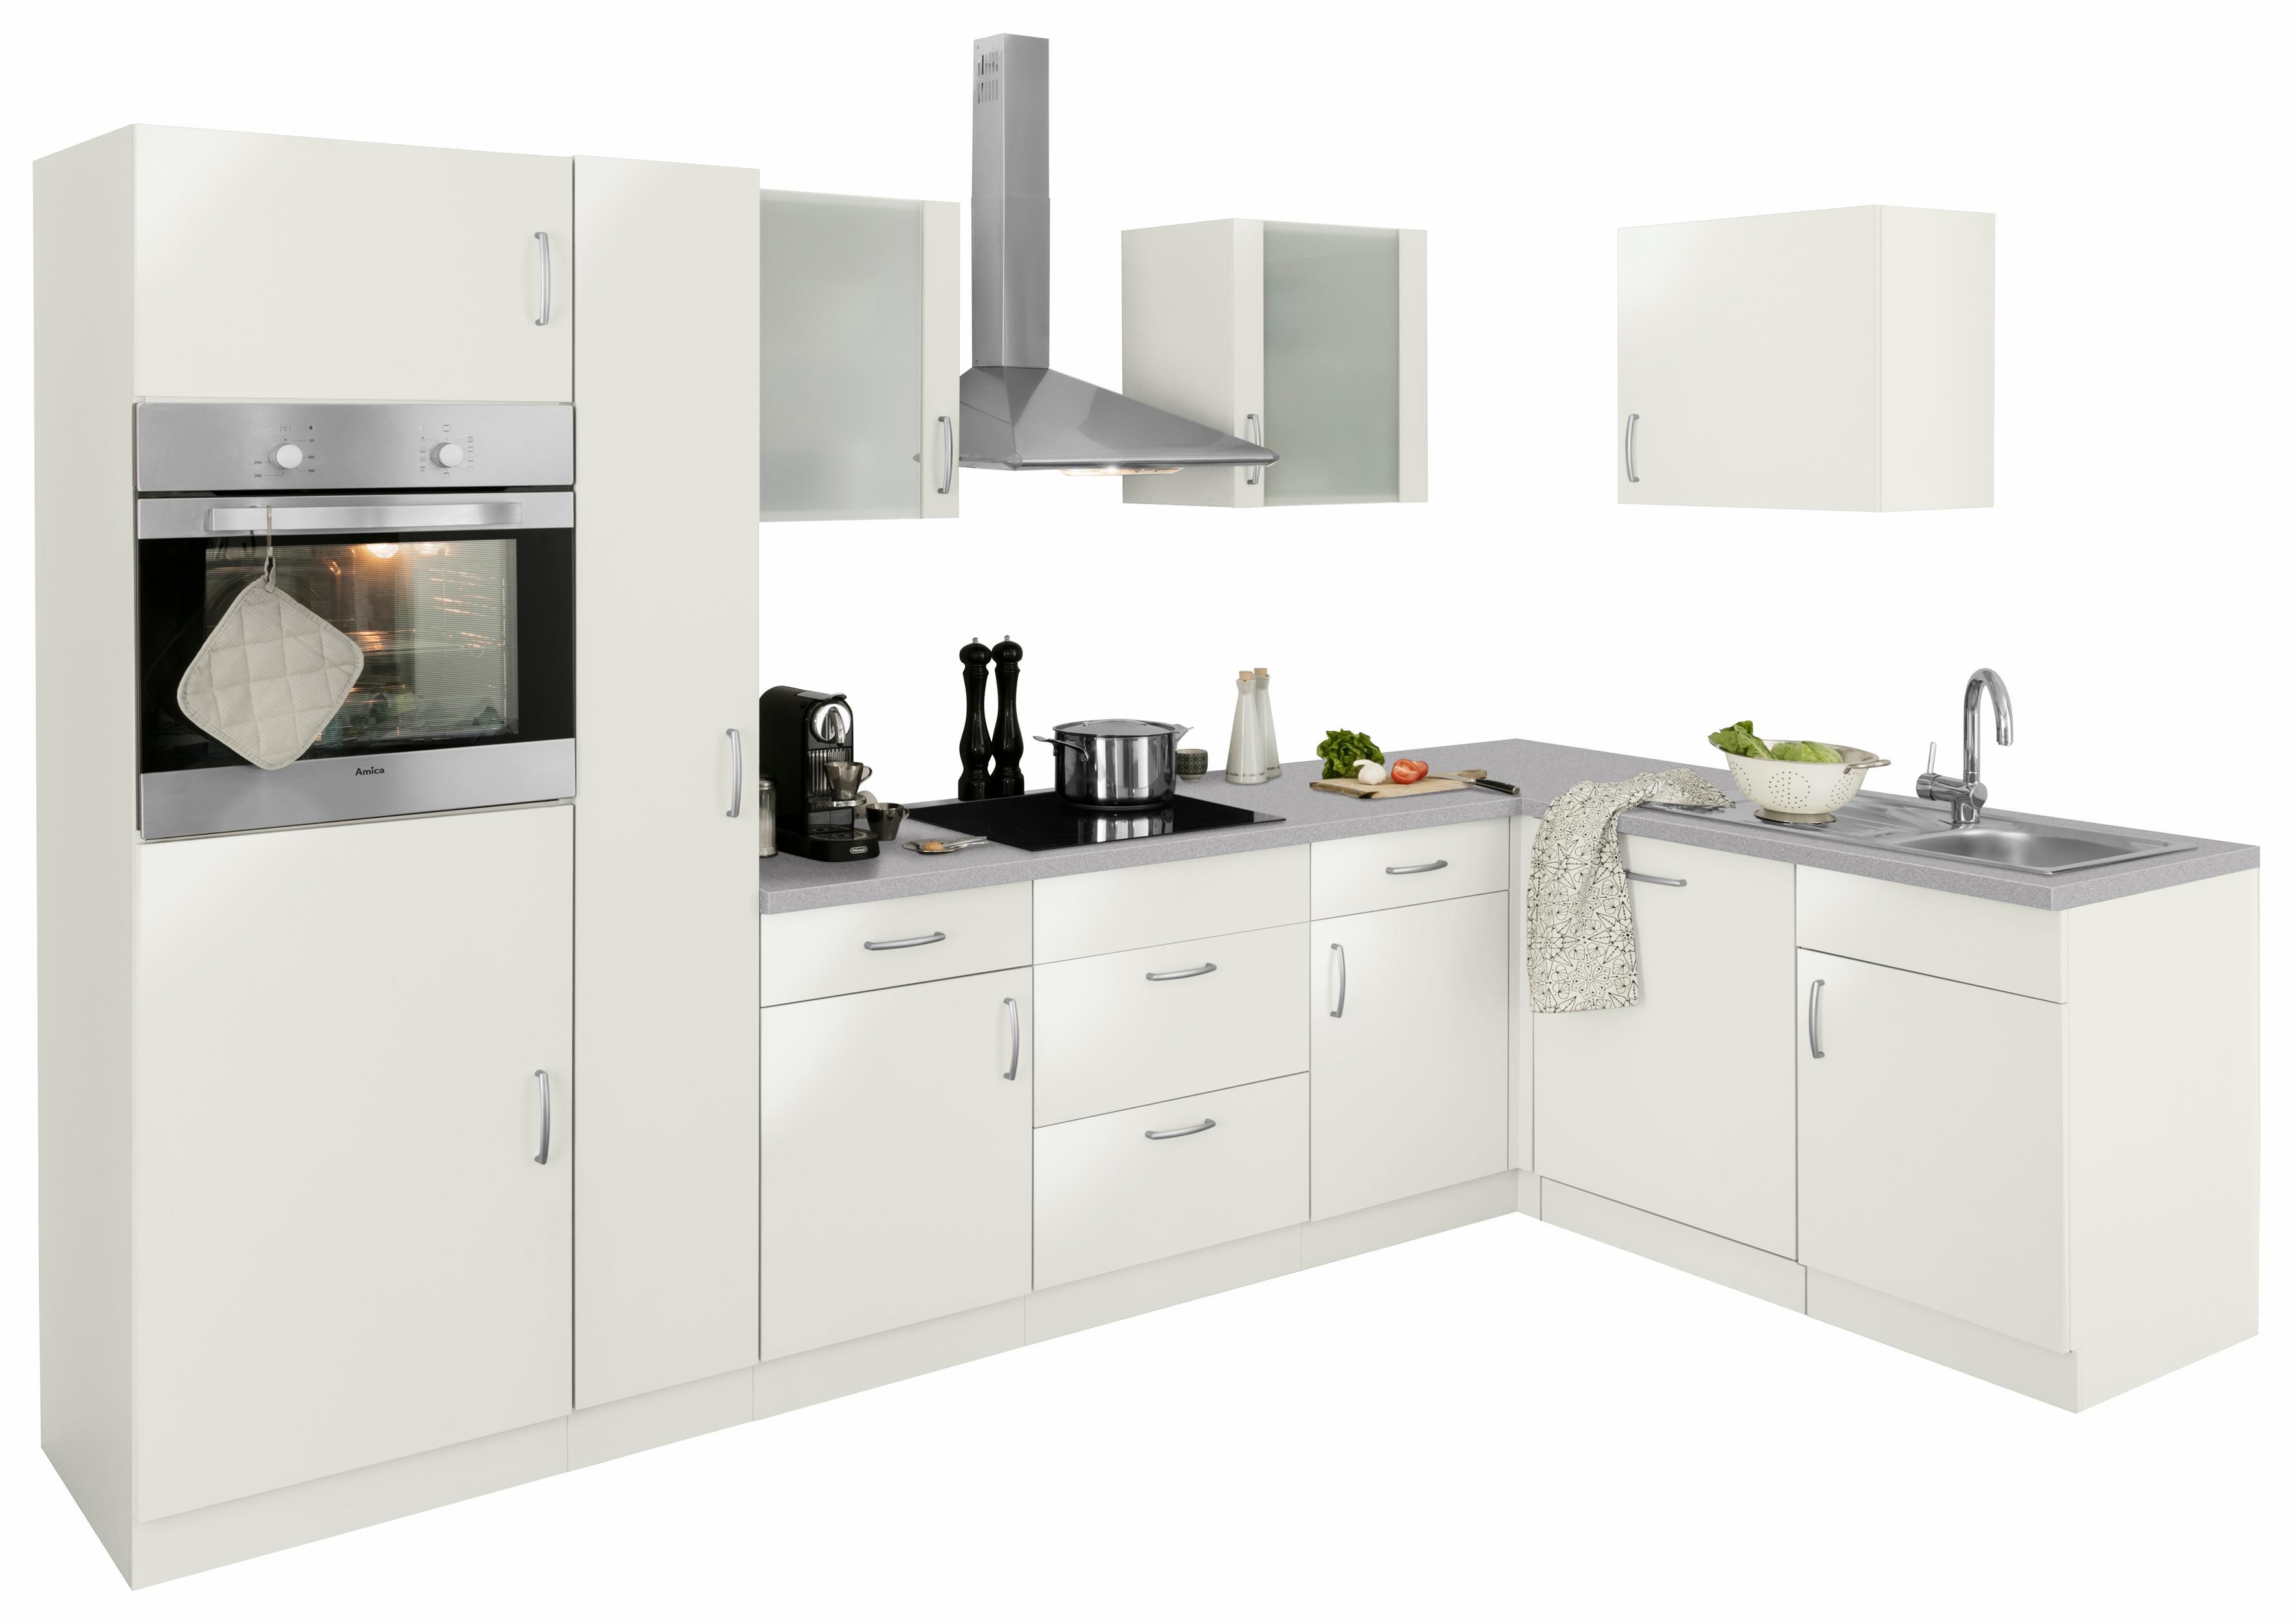 wiho Küchen Winkelküche Brüssel mit E-Geräten Stellbreite 310 x 170 cm